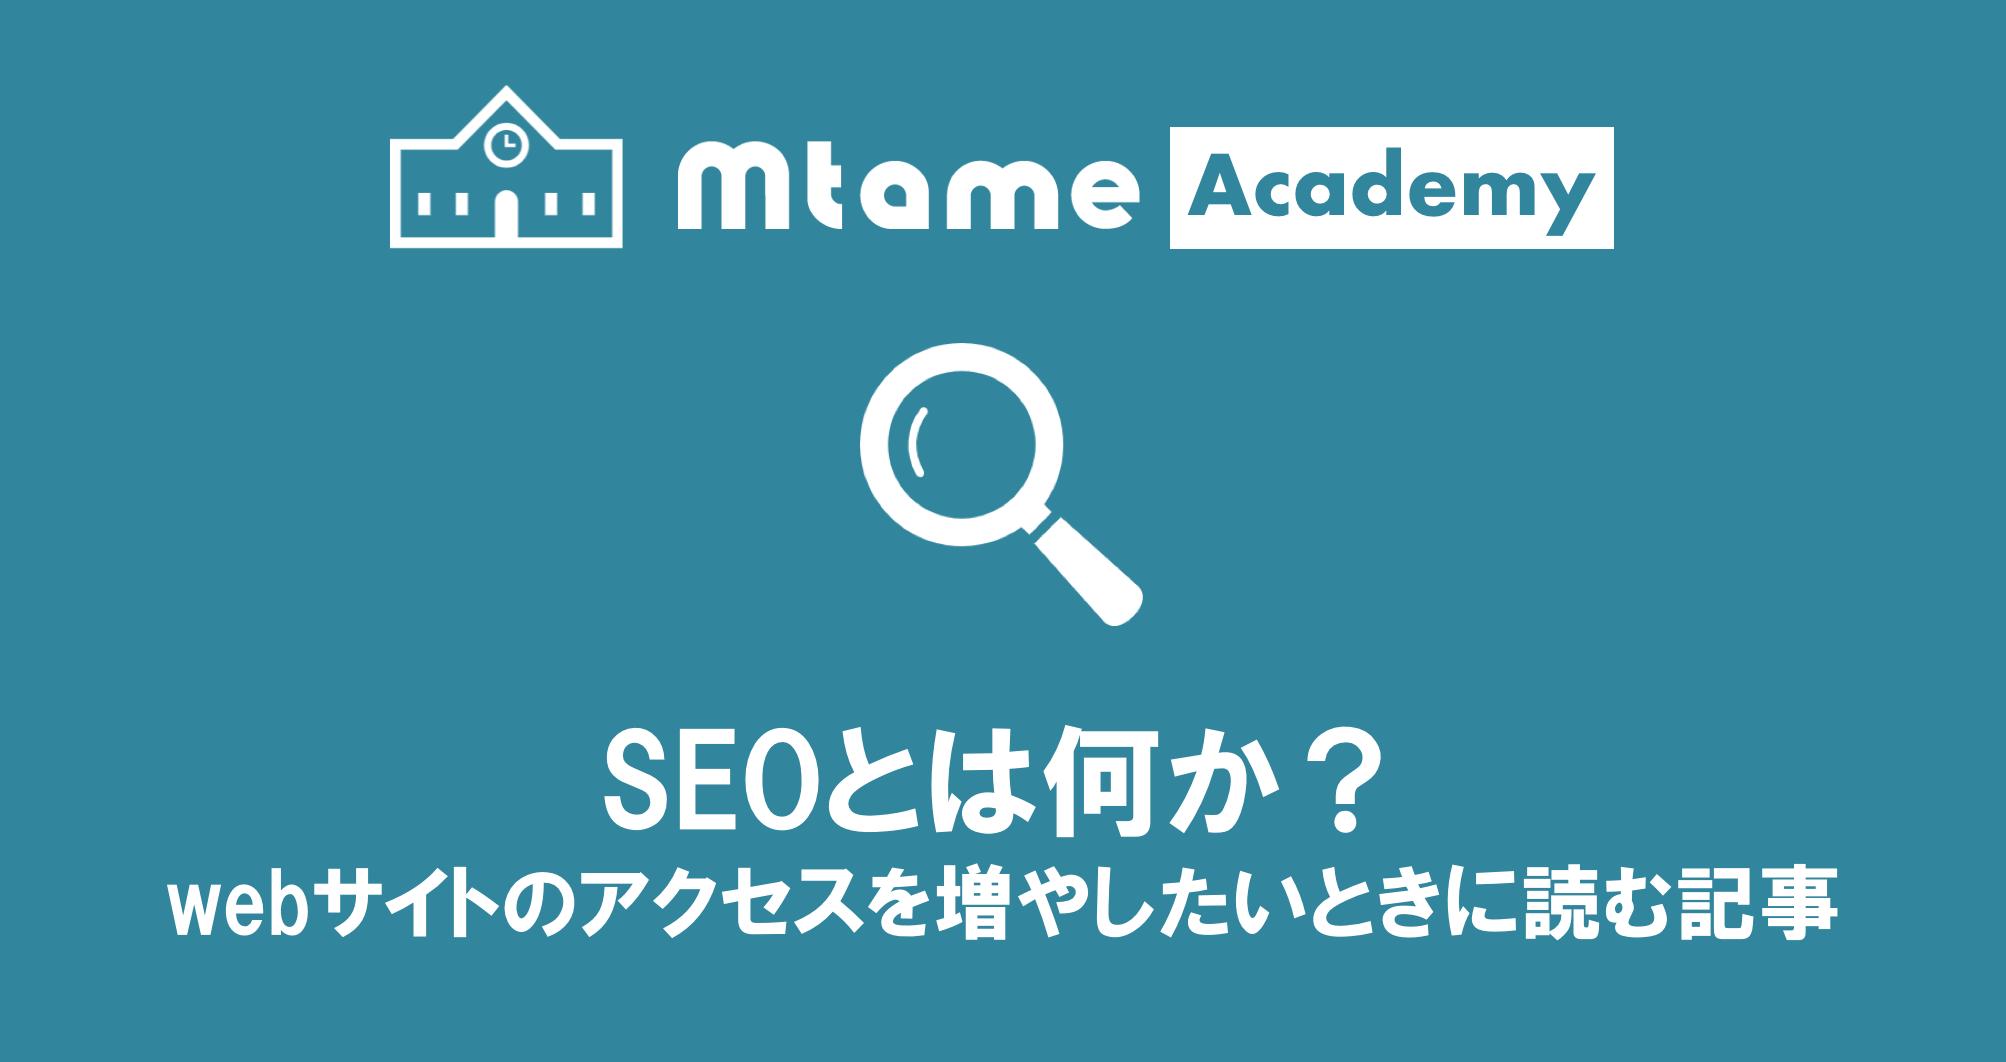 SEOとは何か?Webサイトのアクセスを増やしたいときに読む記事